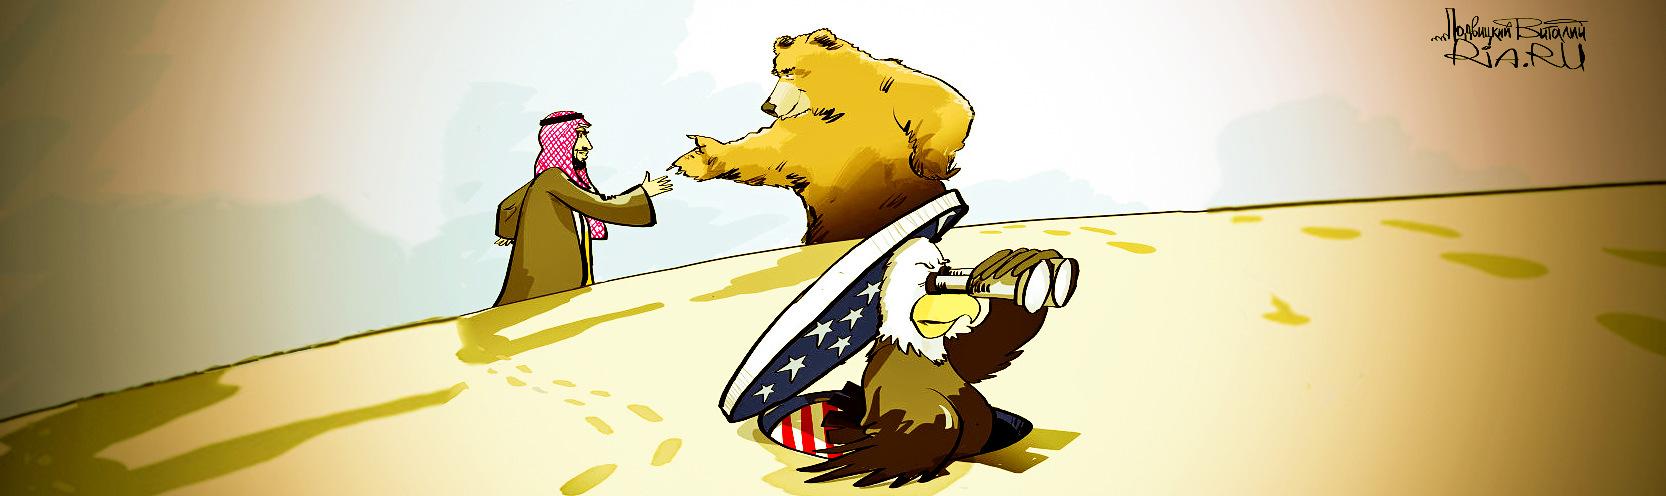 Своповая сделка России и Катара: Европа в обмен на Азию